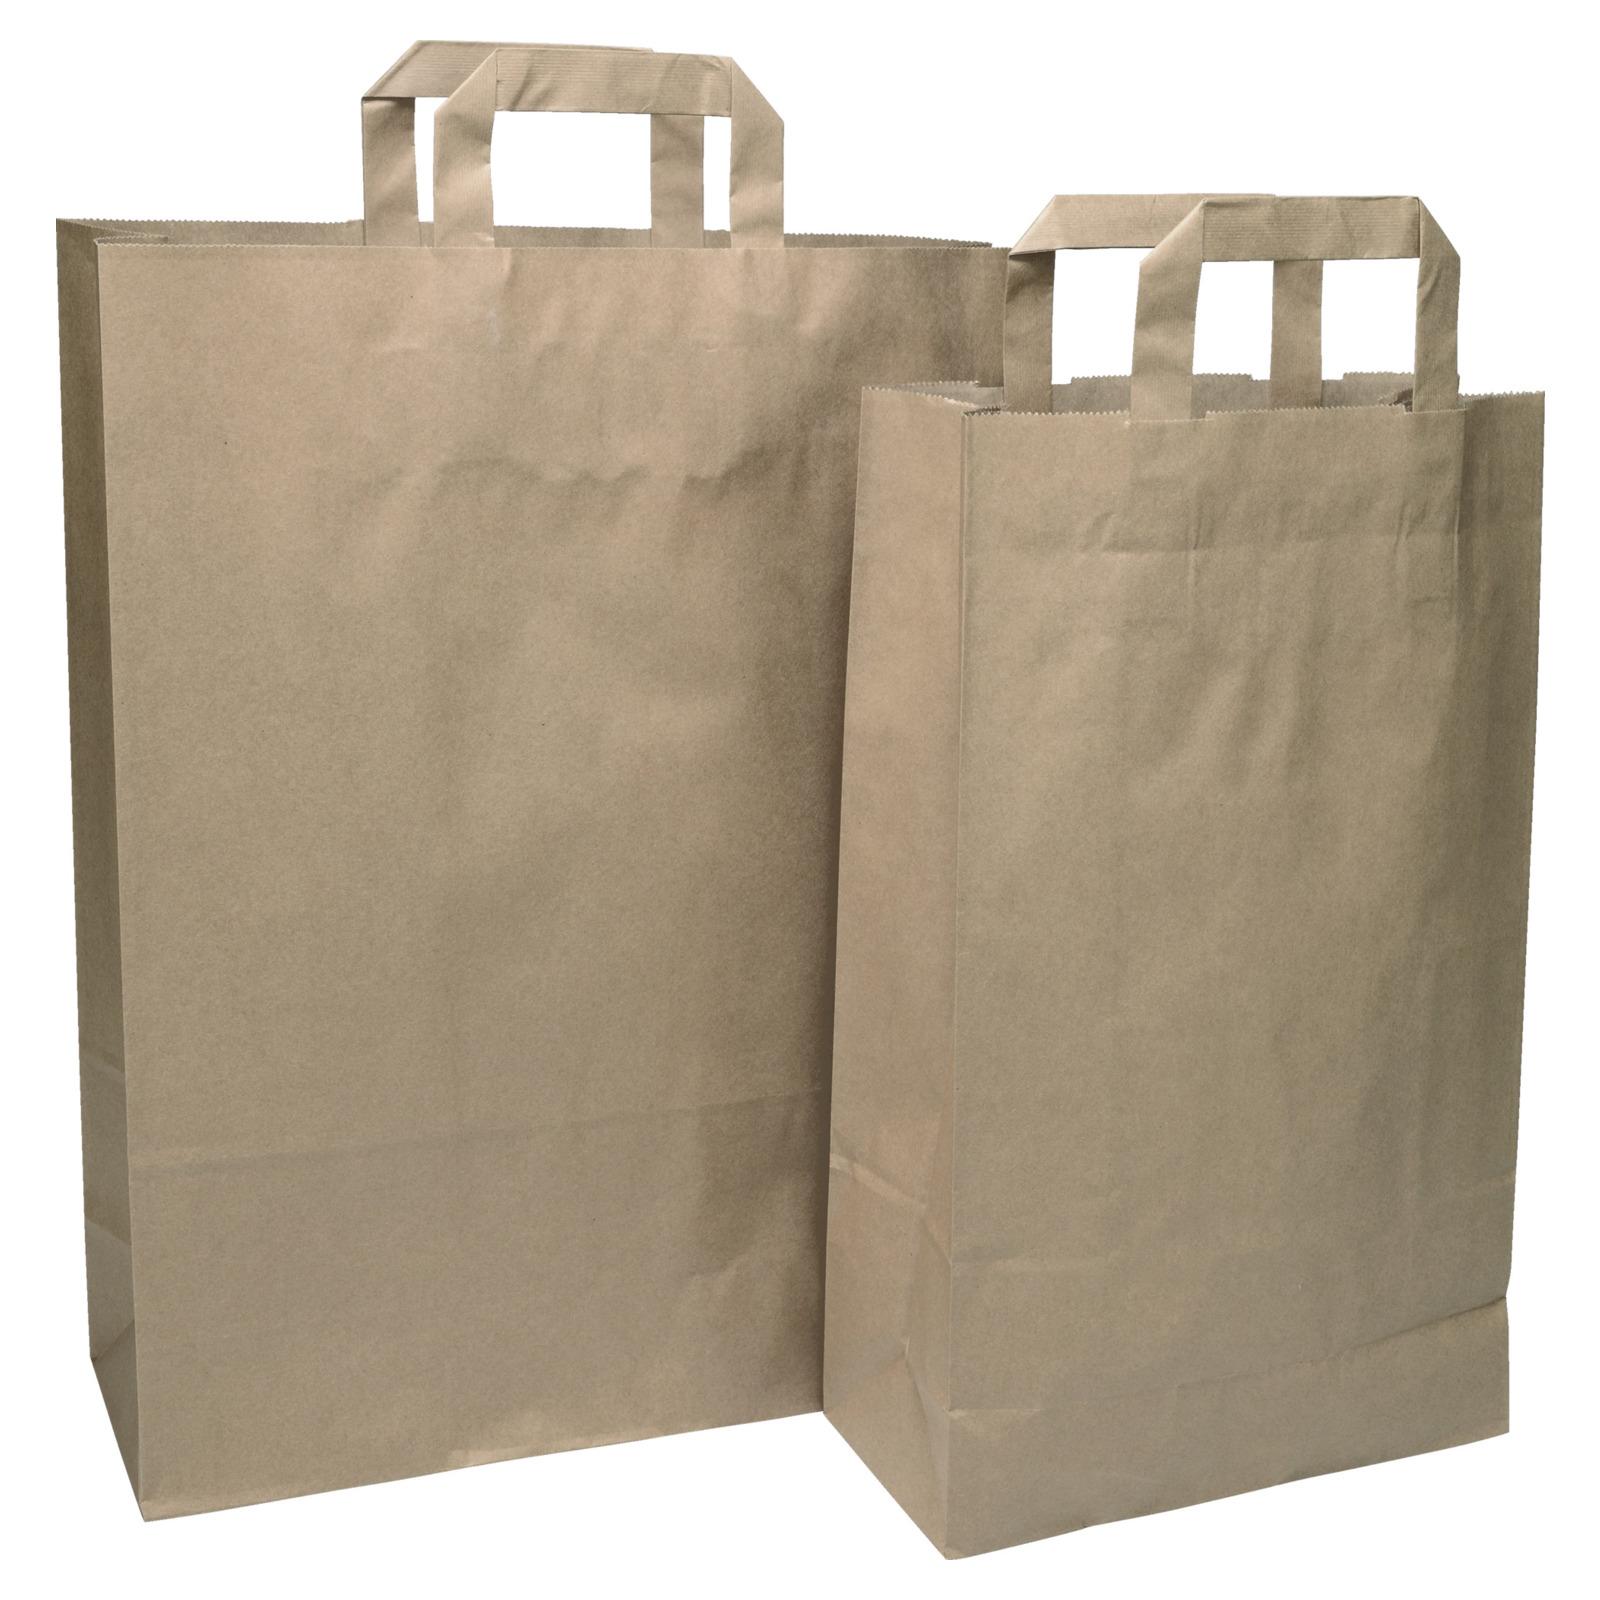 Papiertragetasche braun - Aktions-Artikel Specials